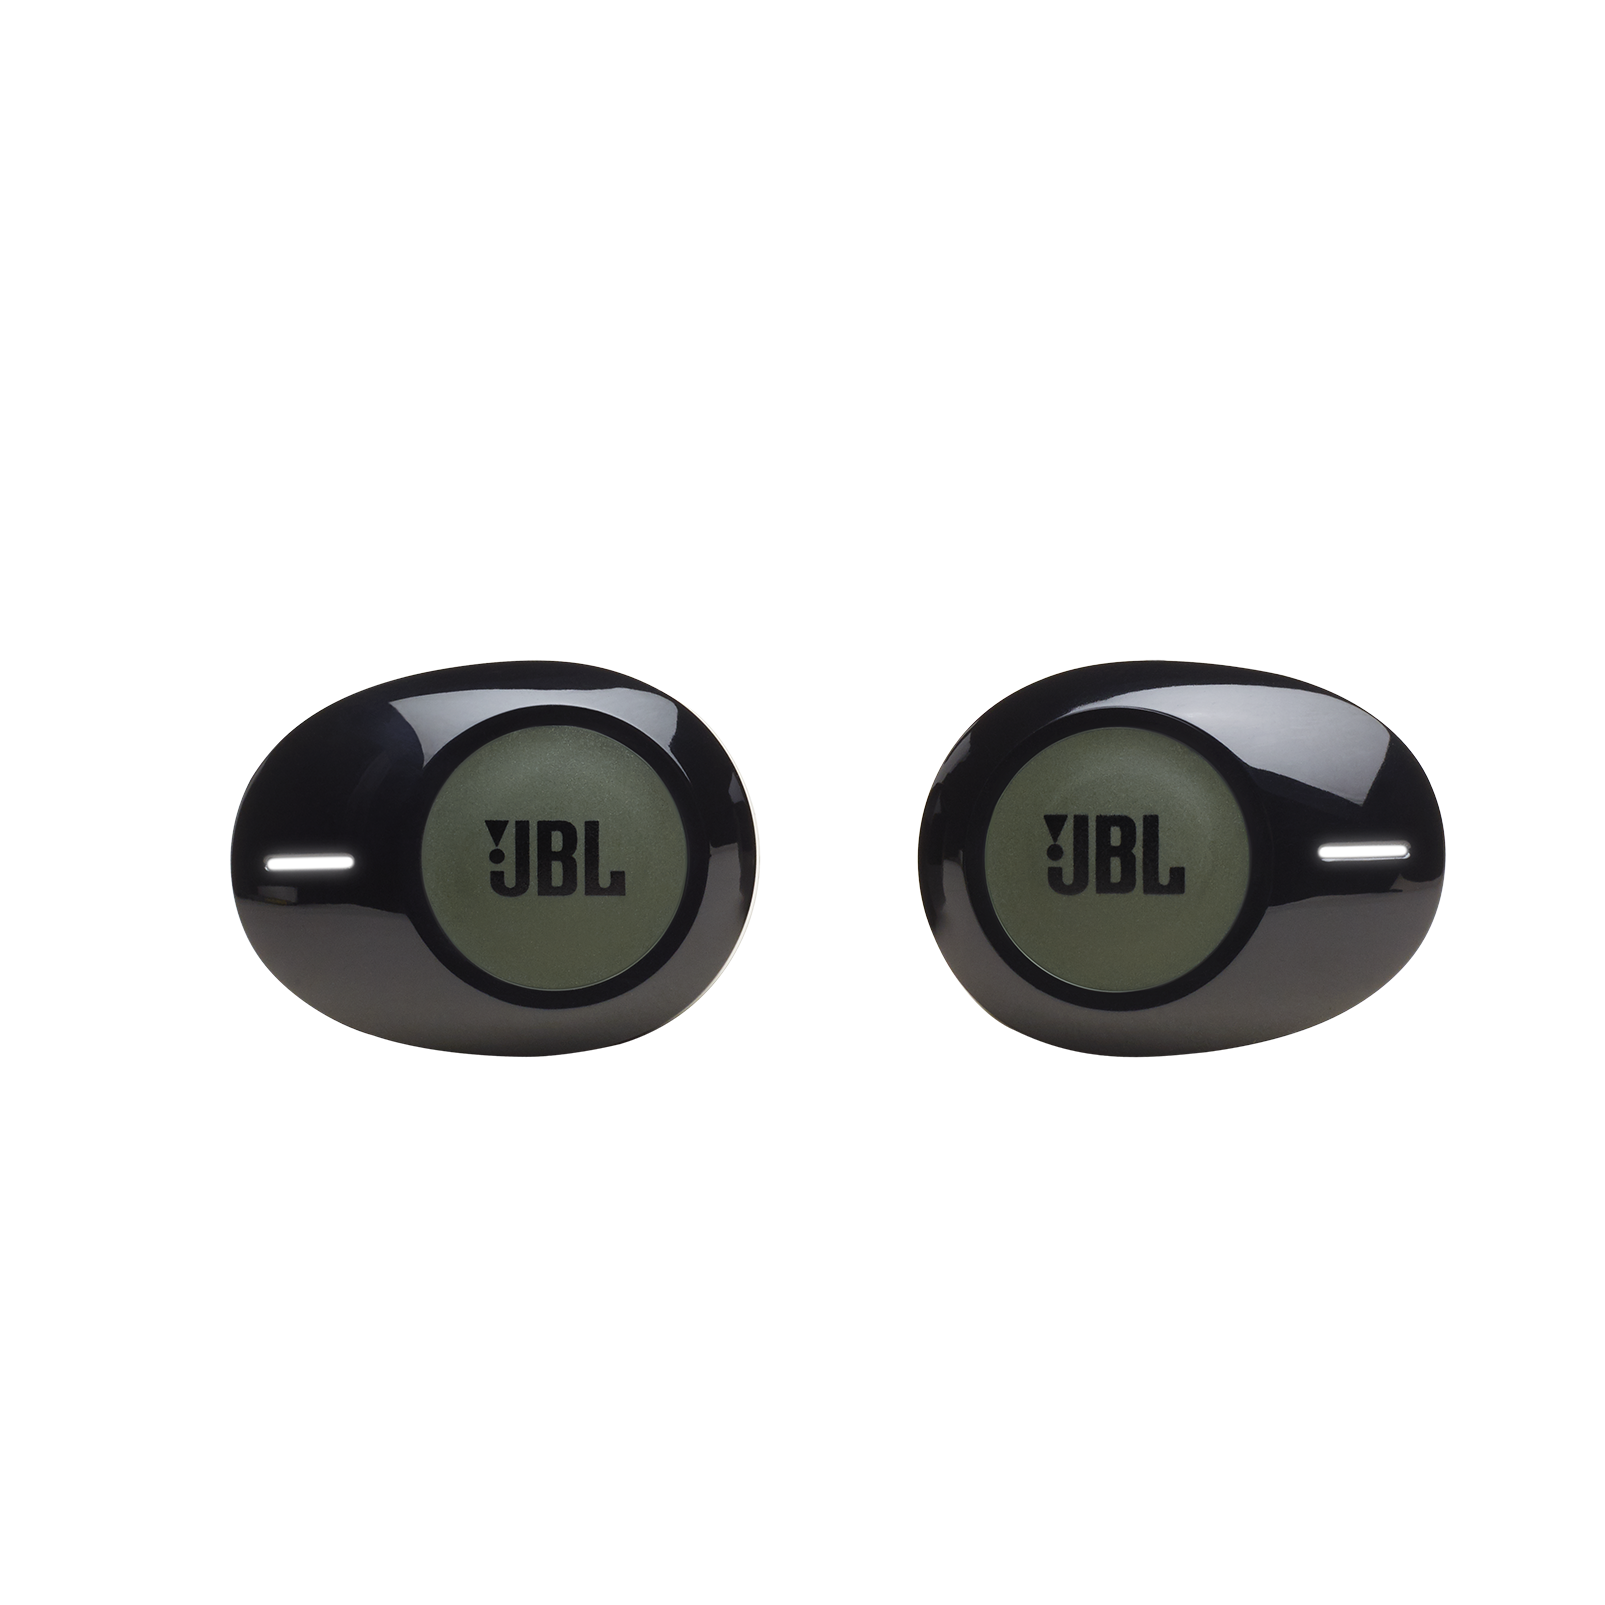 JBL TUNE 120TWS - Green - Truly wireless in-ear headphones. - Front